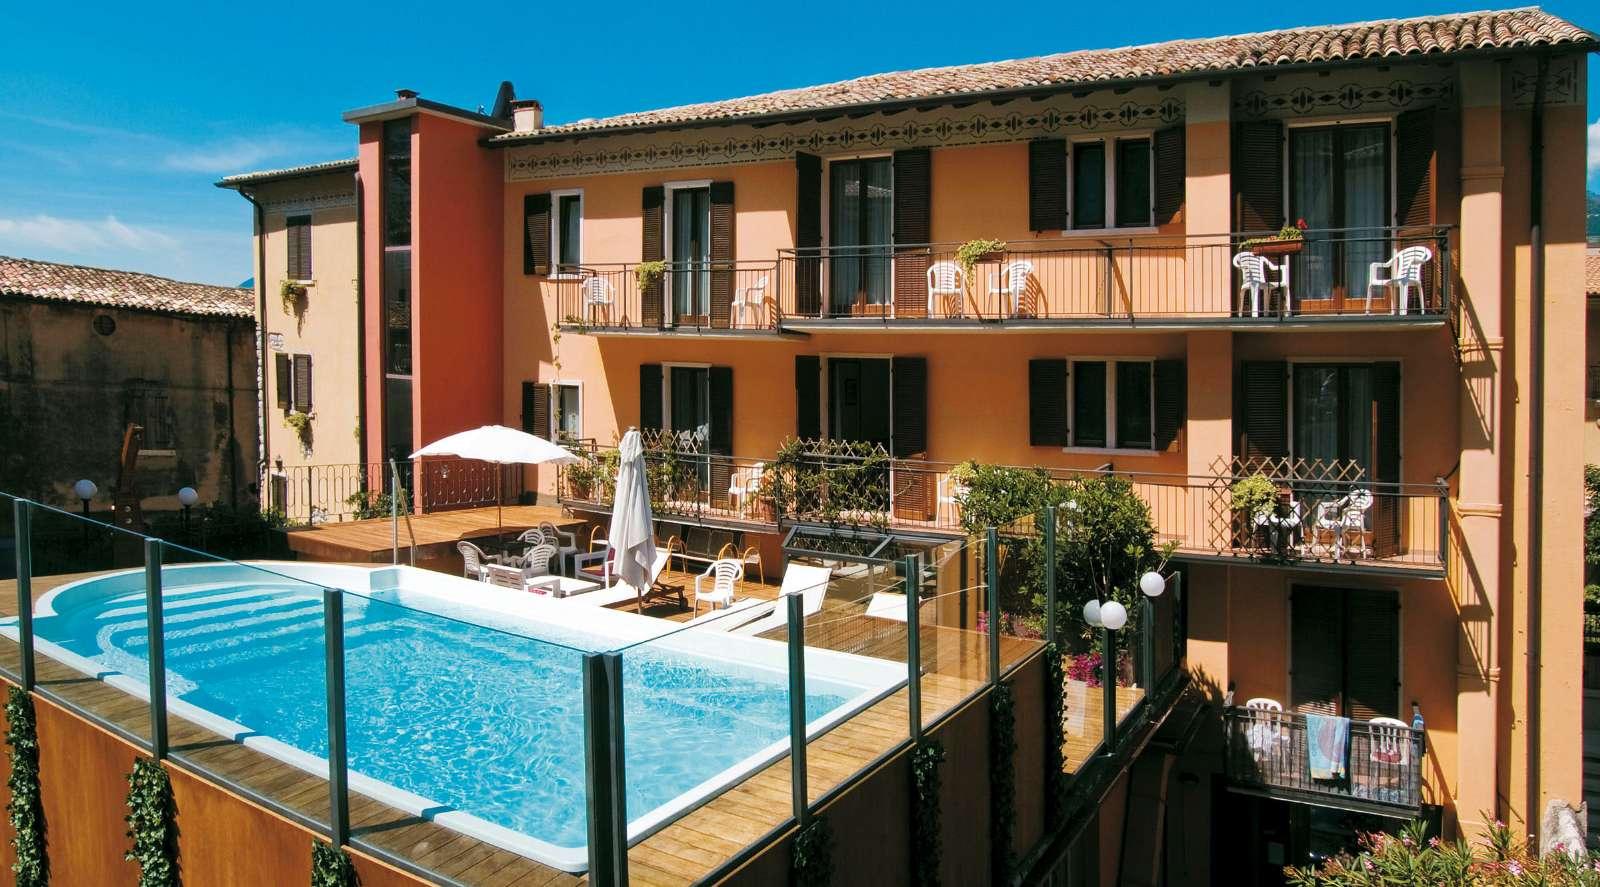 Der schöne Swimmingpool vom Hotel Dolomiti mitten in Malcesine